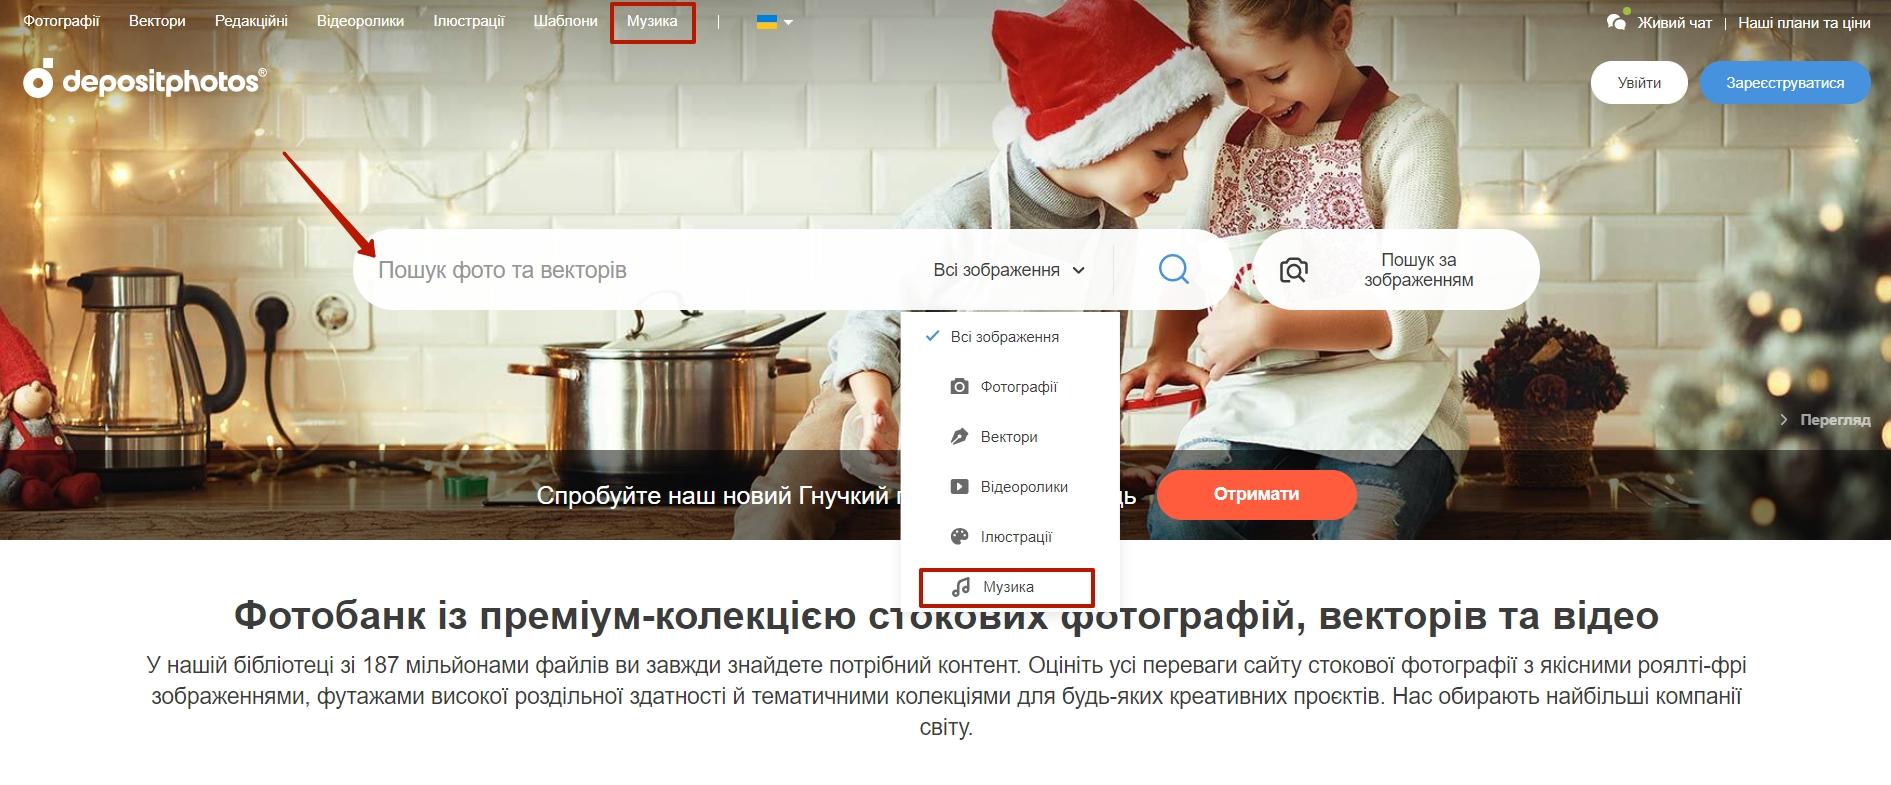 Depositphotos screen ua